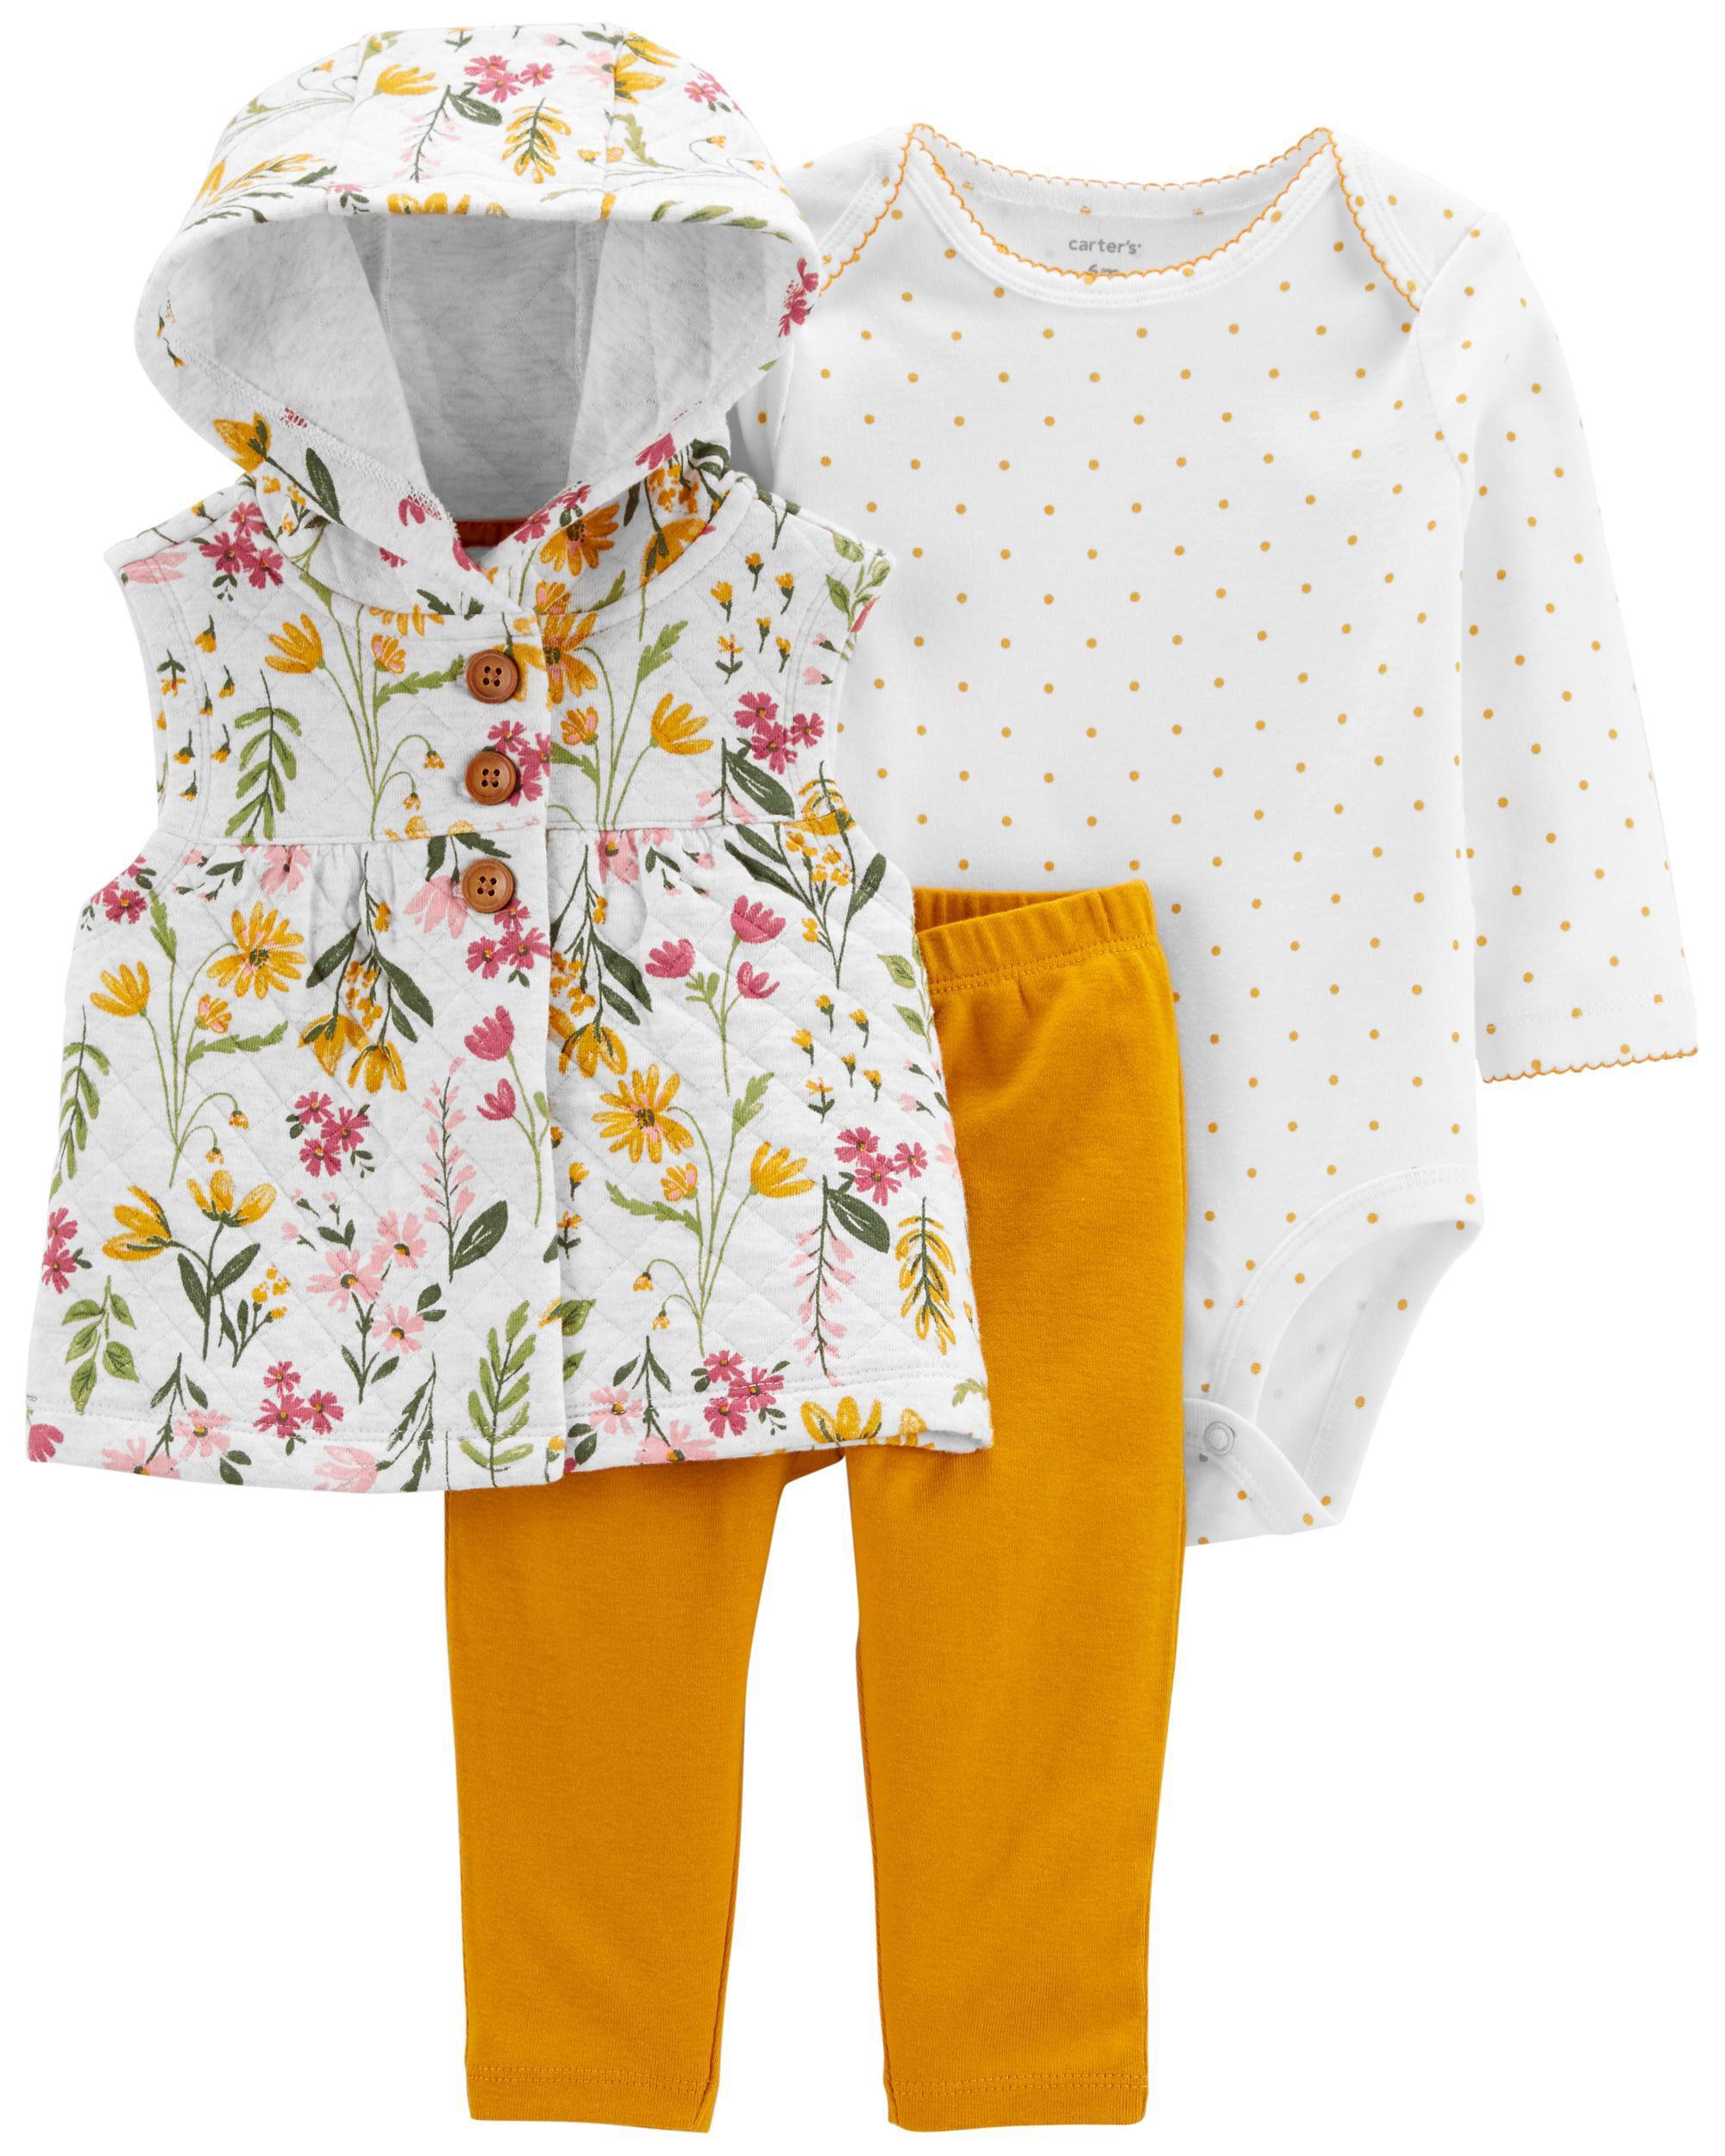 Carters 3-Piece Floral Vest Set